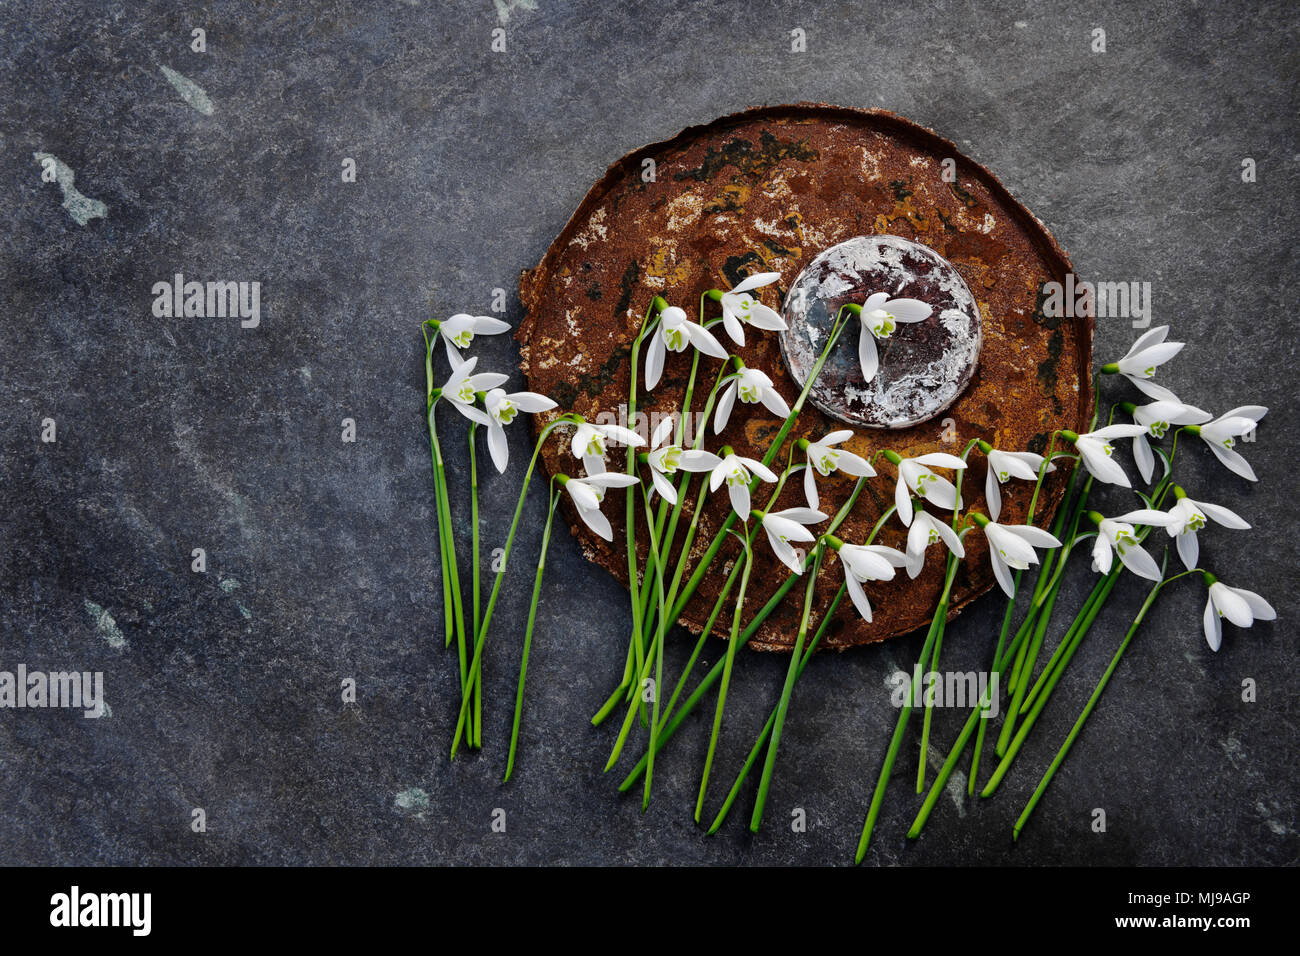 Snowdrop fiori, rusty fondo benna, bruciato base di stagno di cacao, con lastre di ardesia sfondo. Immagini Stock